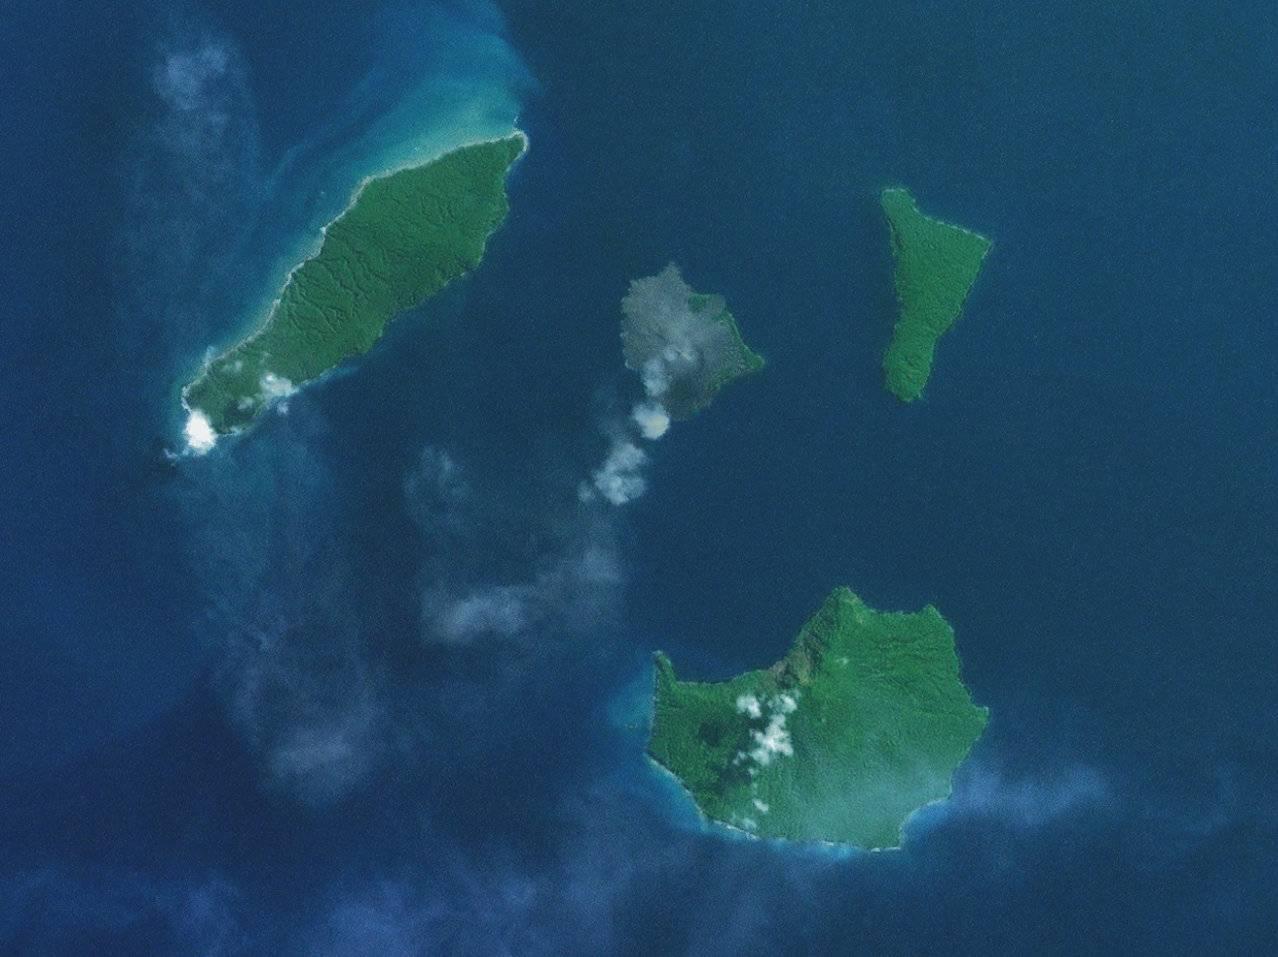 Científicos descubren que erupción del Volcán Krakatoa causó un tsunami de 150 metros